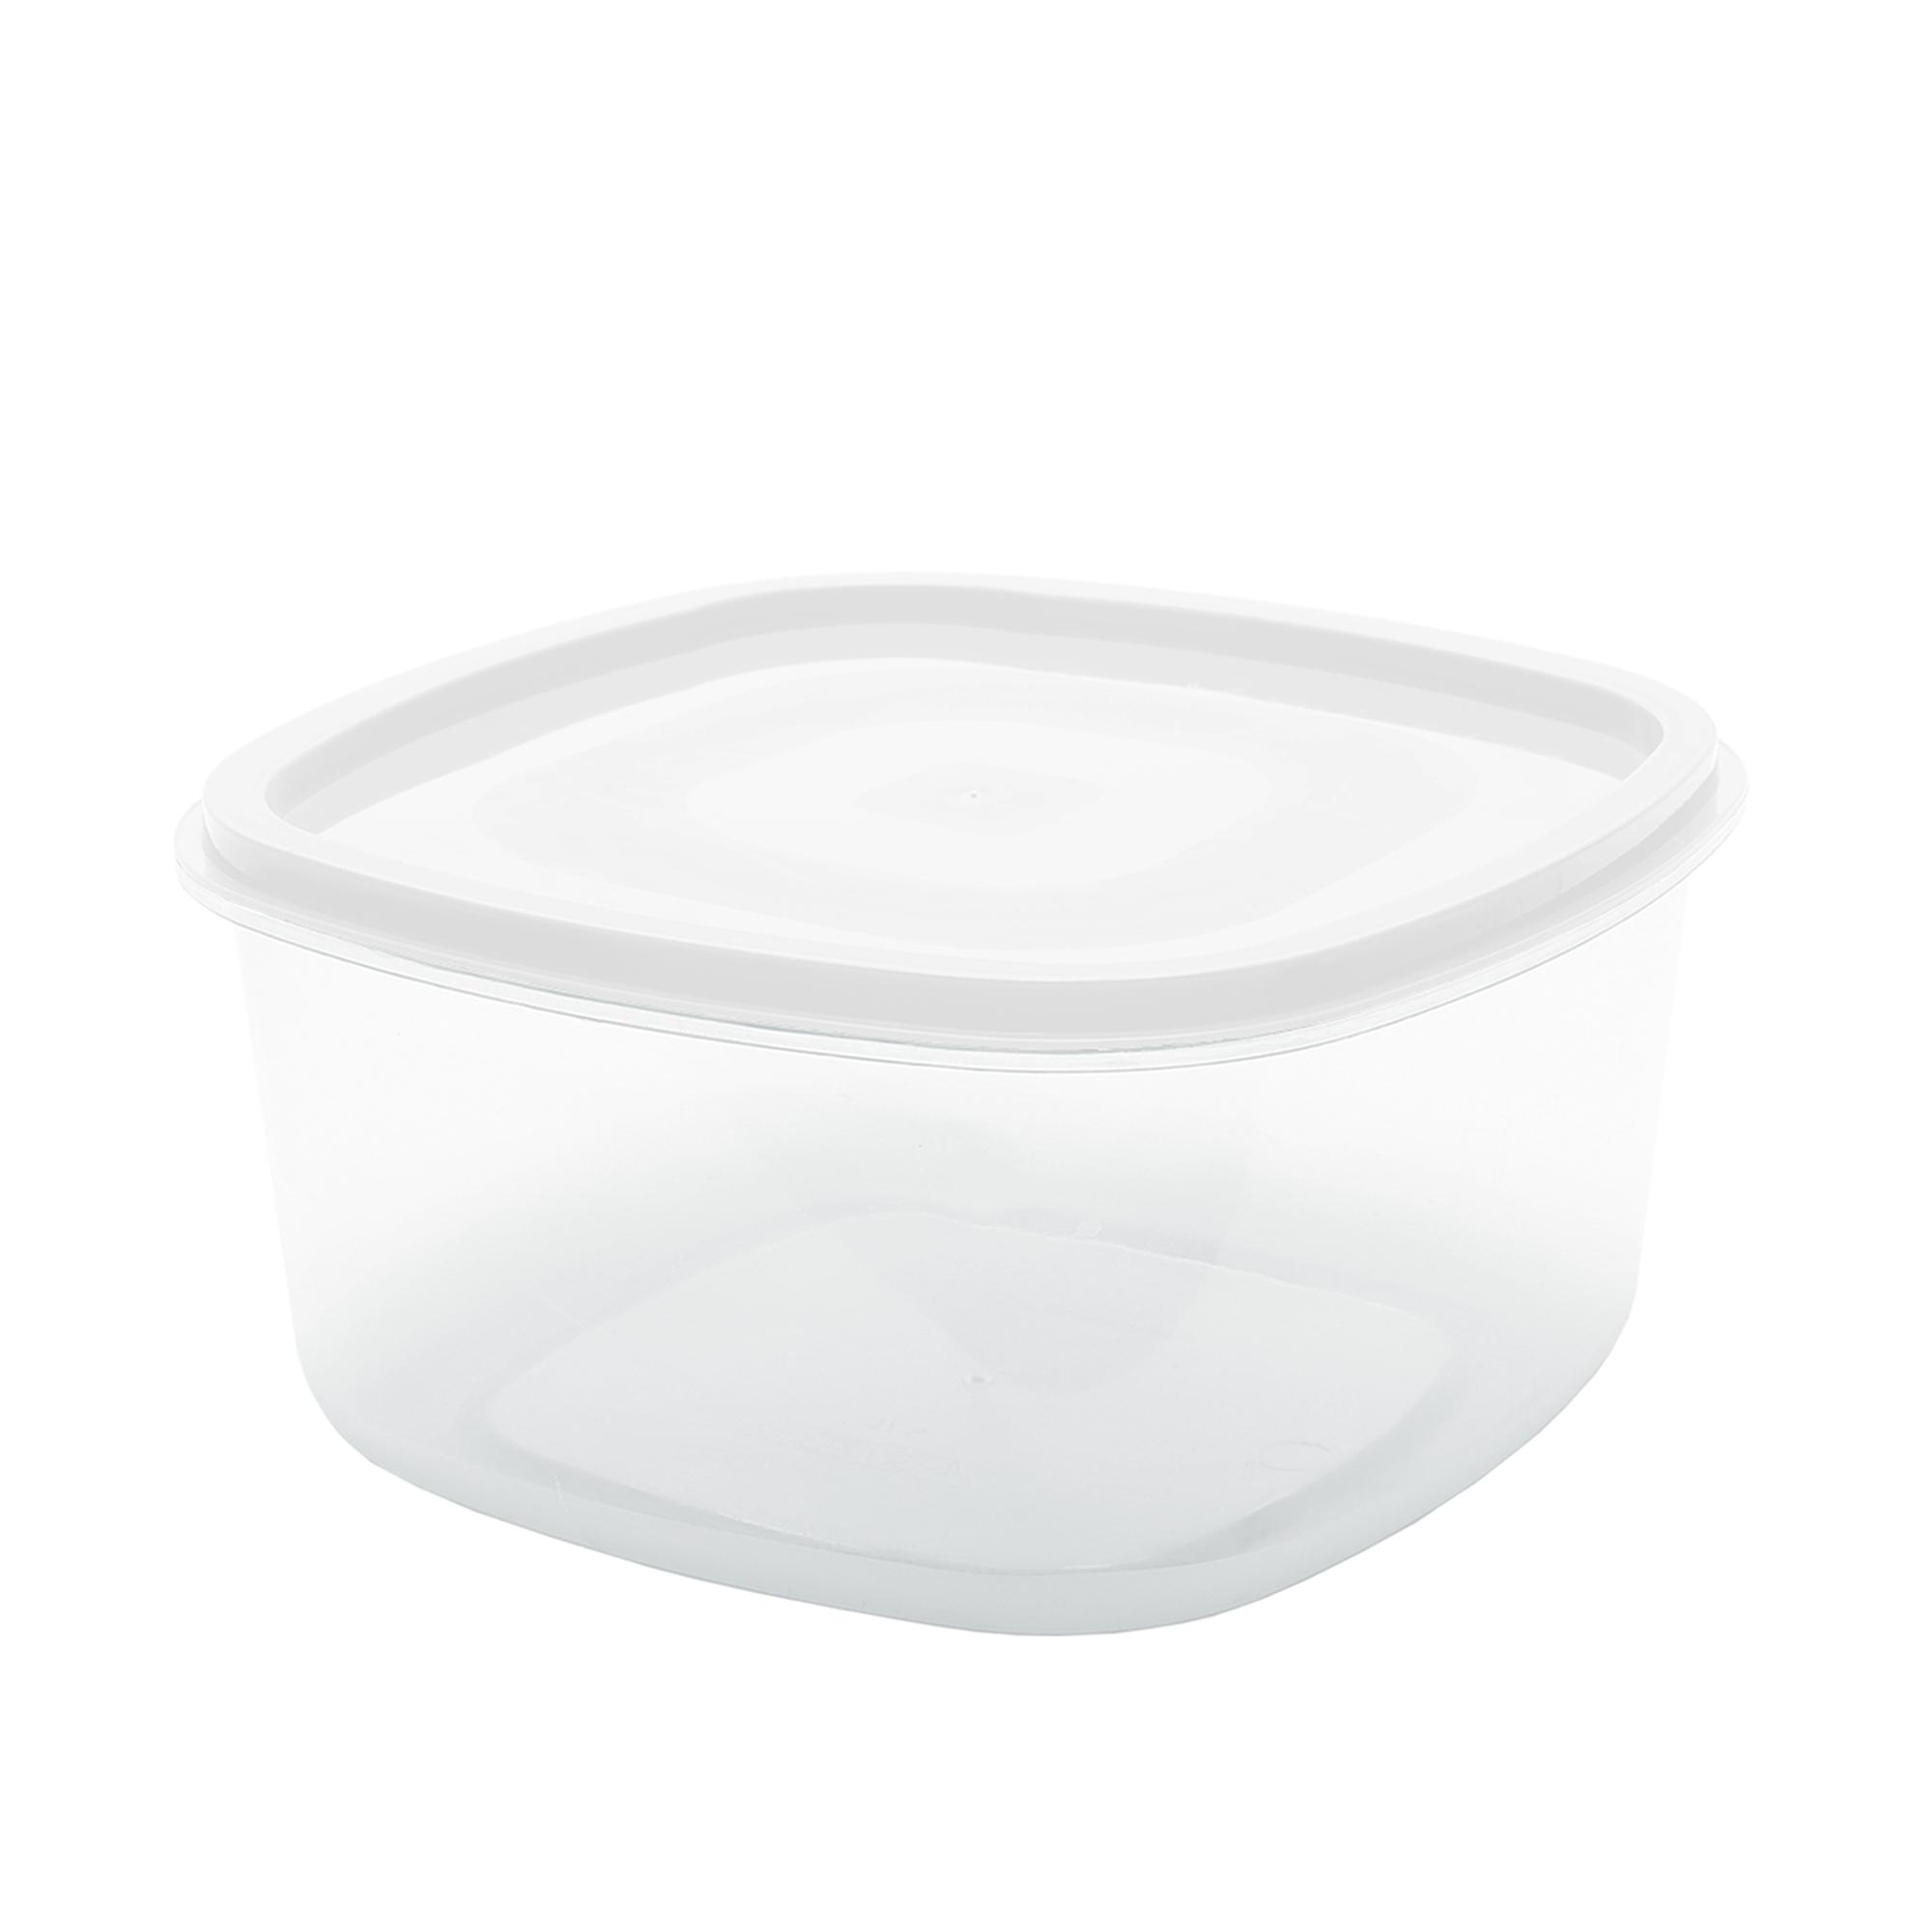 Pote Quadrado Liso 1.2 L - Branco